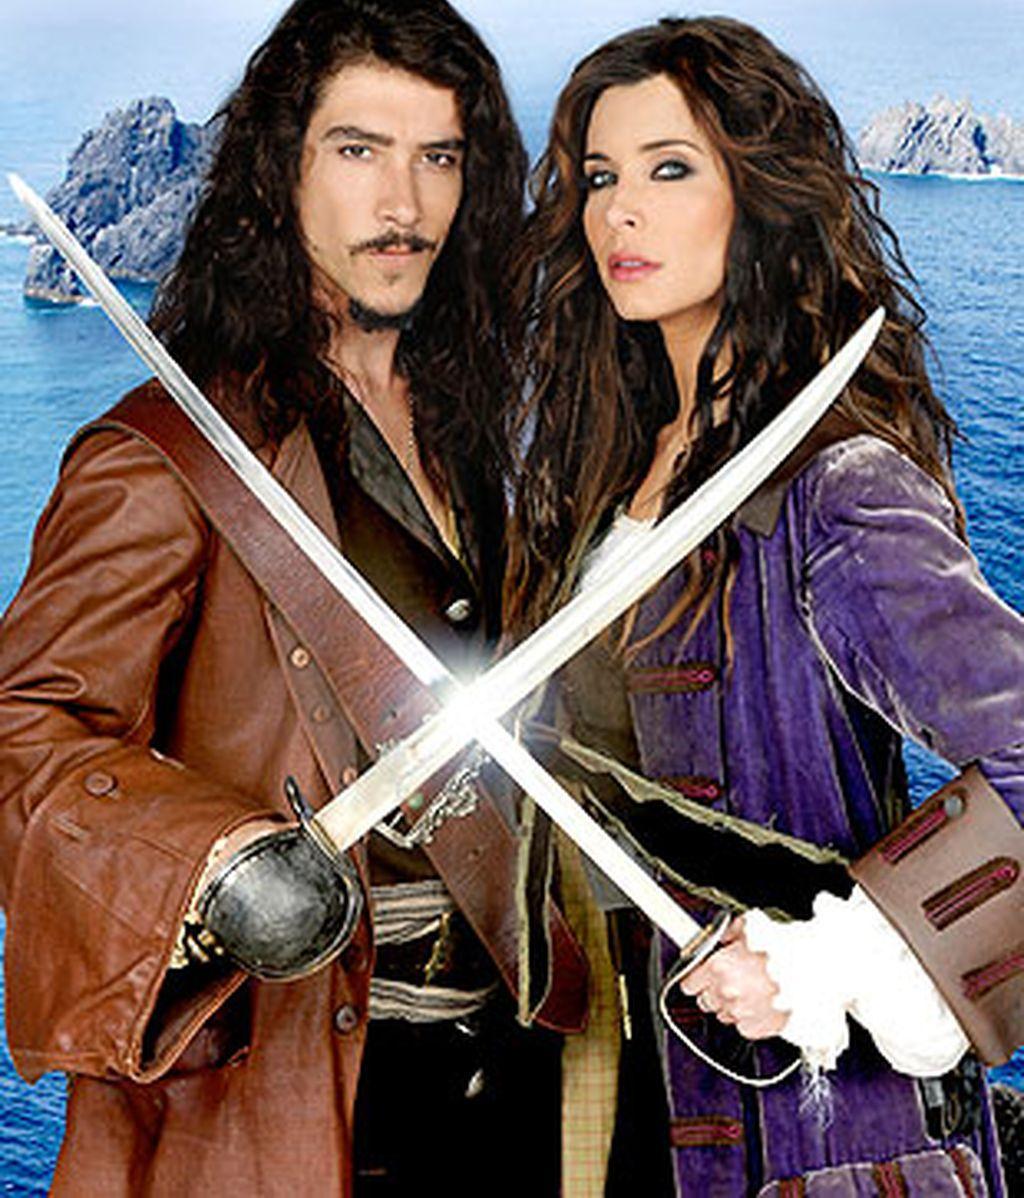 Pilar Rubio y Óscar Jaenada, protagonistas de 'Piratas'